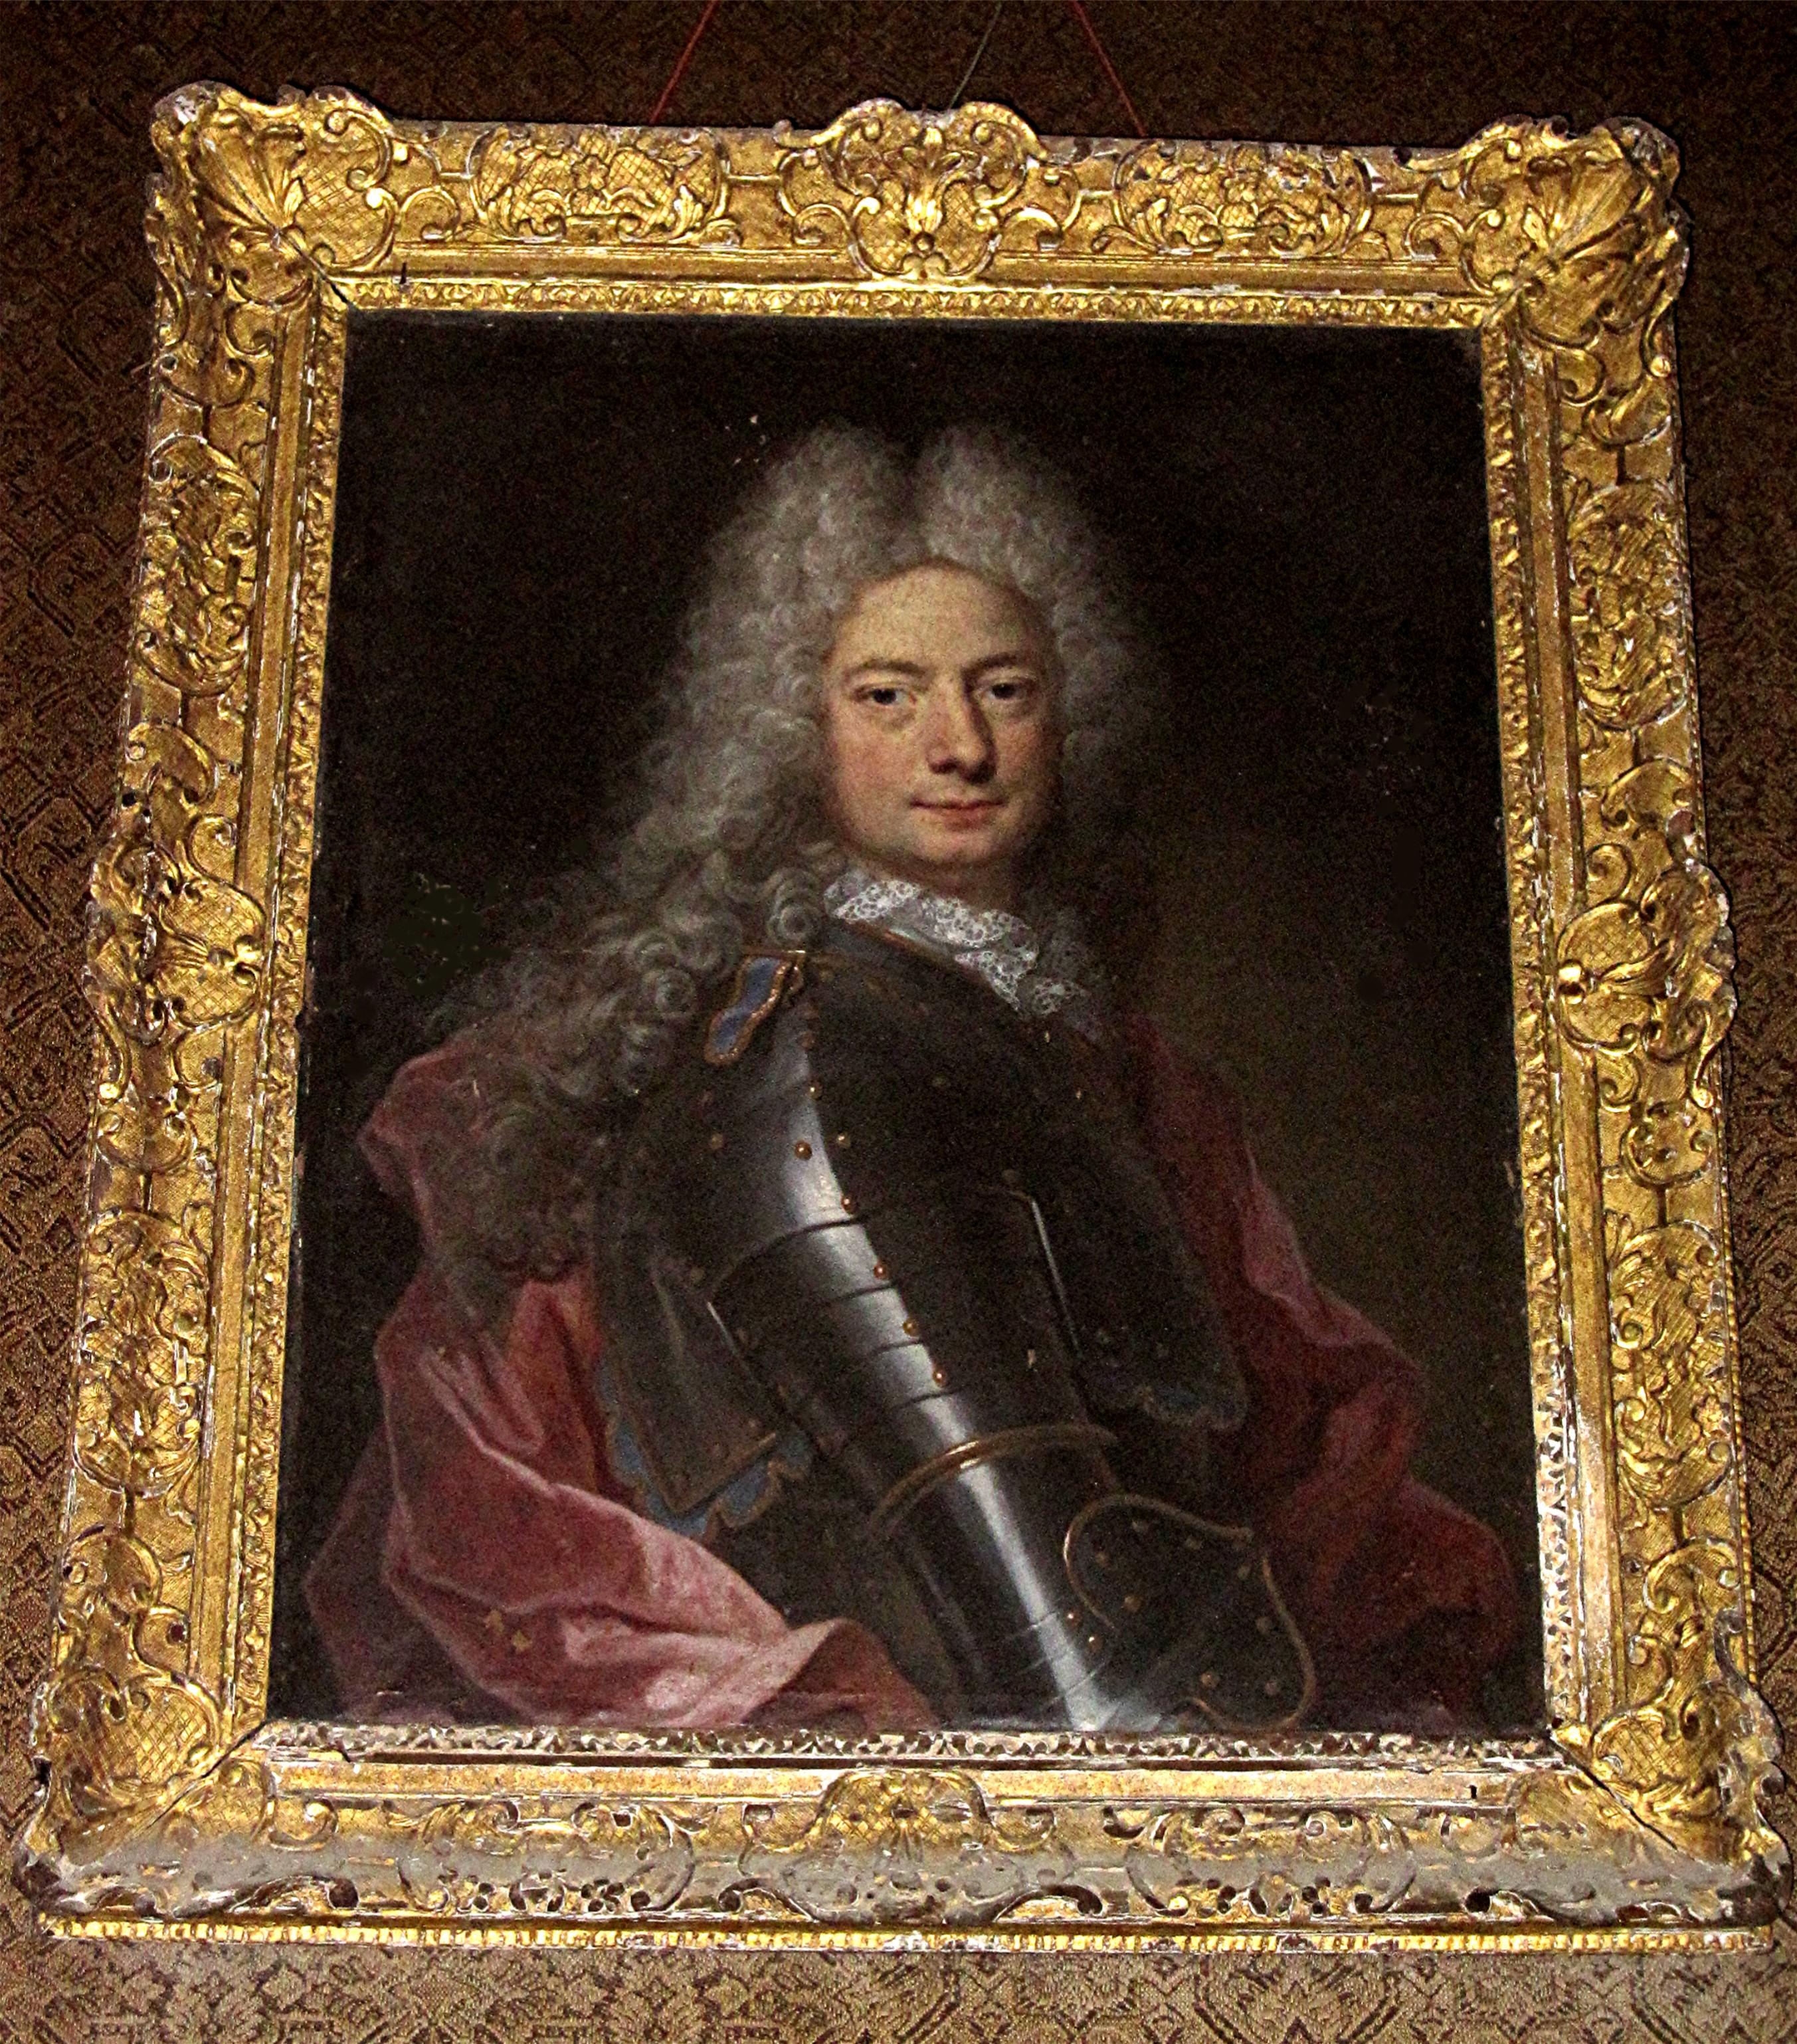 Tableau et son cadre : portait d'un homme en armure (Jacques Grandhomme de la Gannetière, frère de René Grandhomme ?)